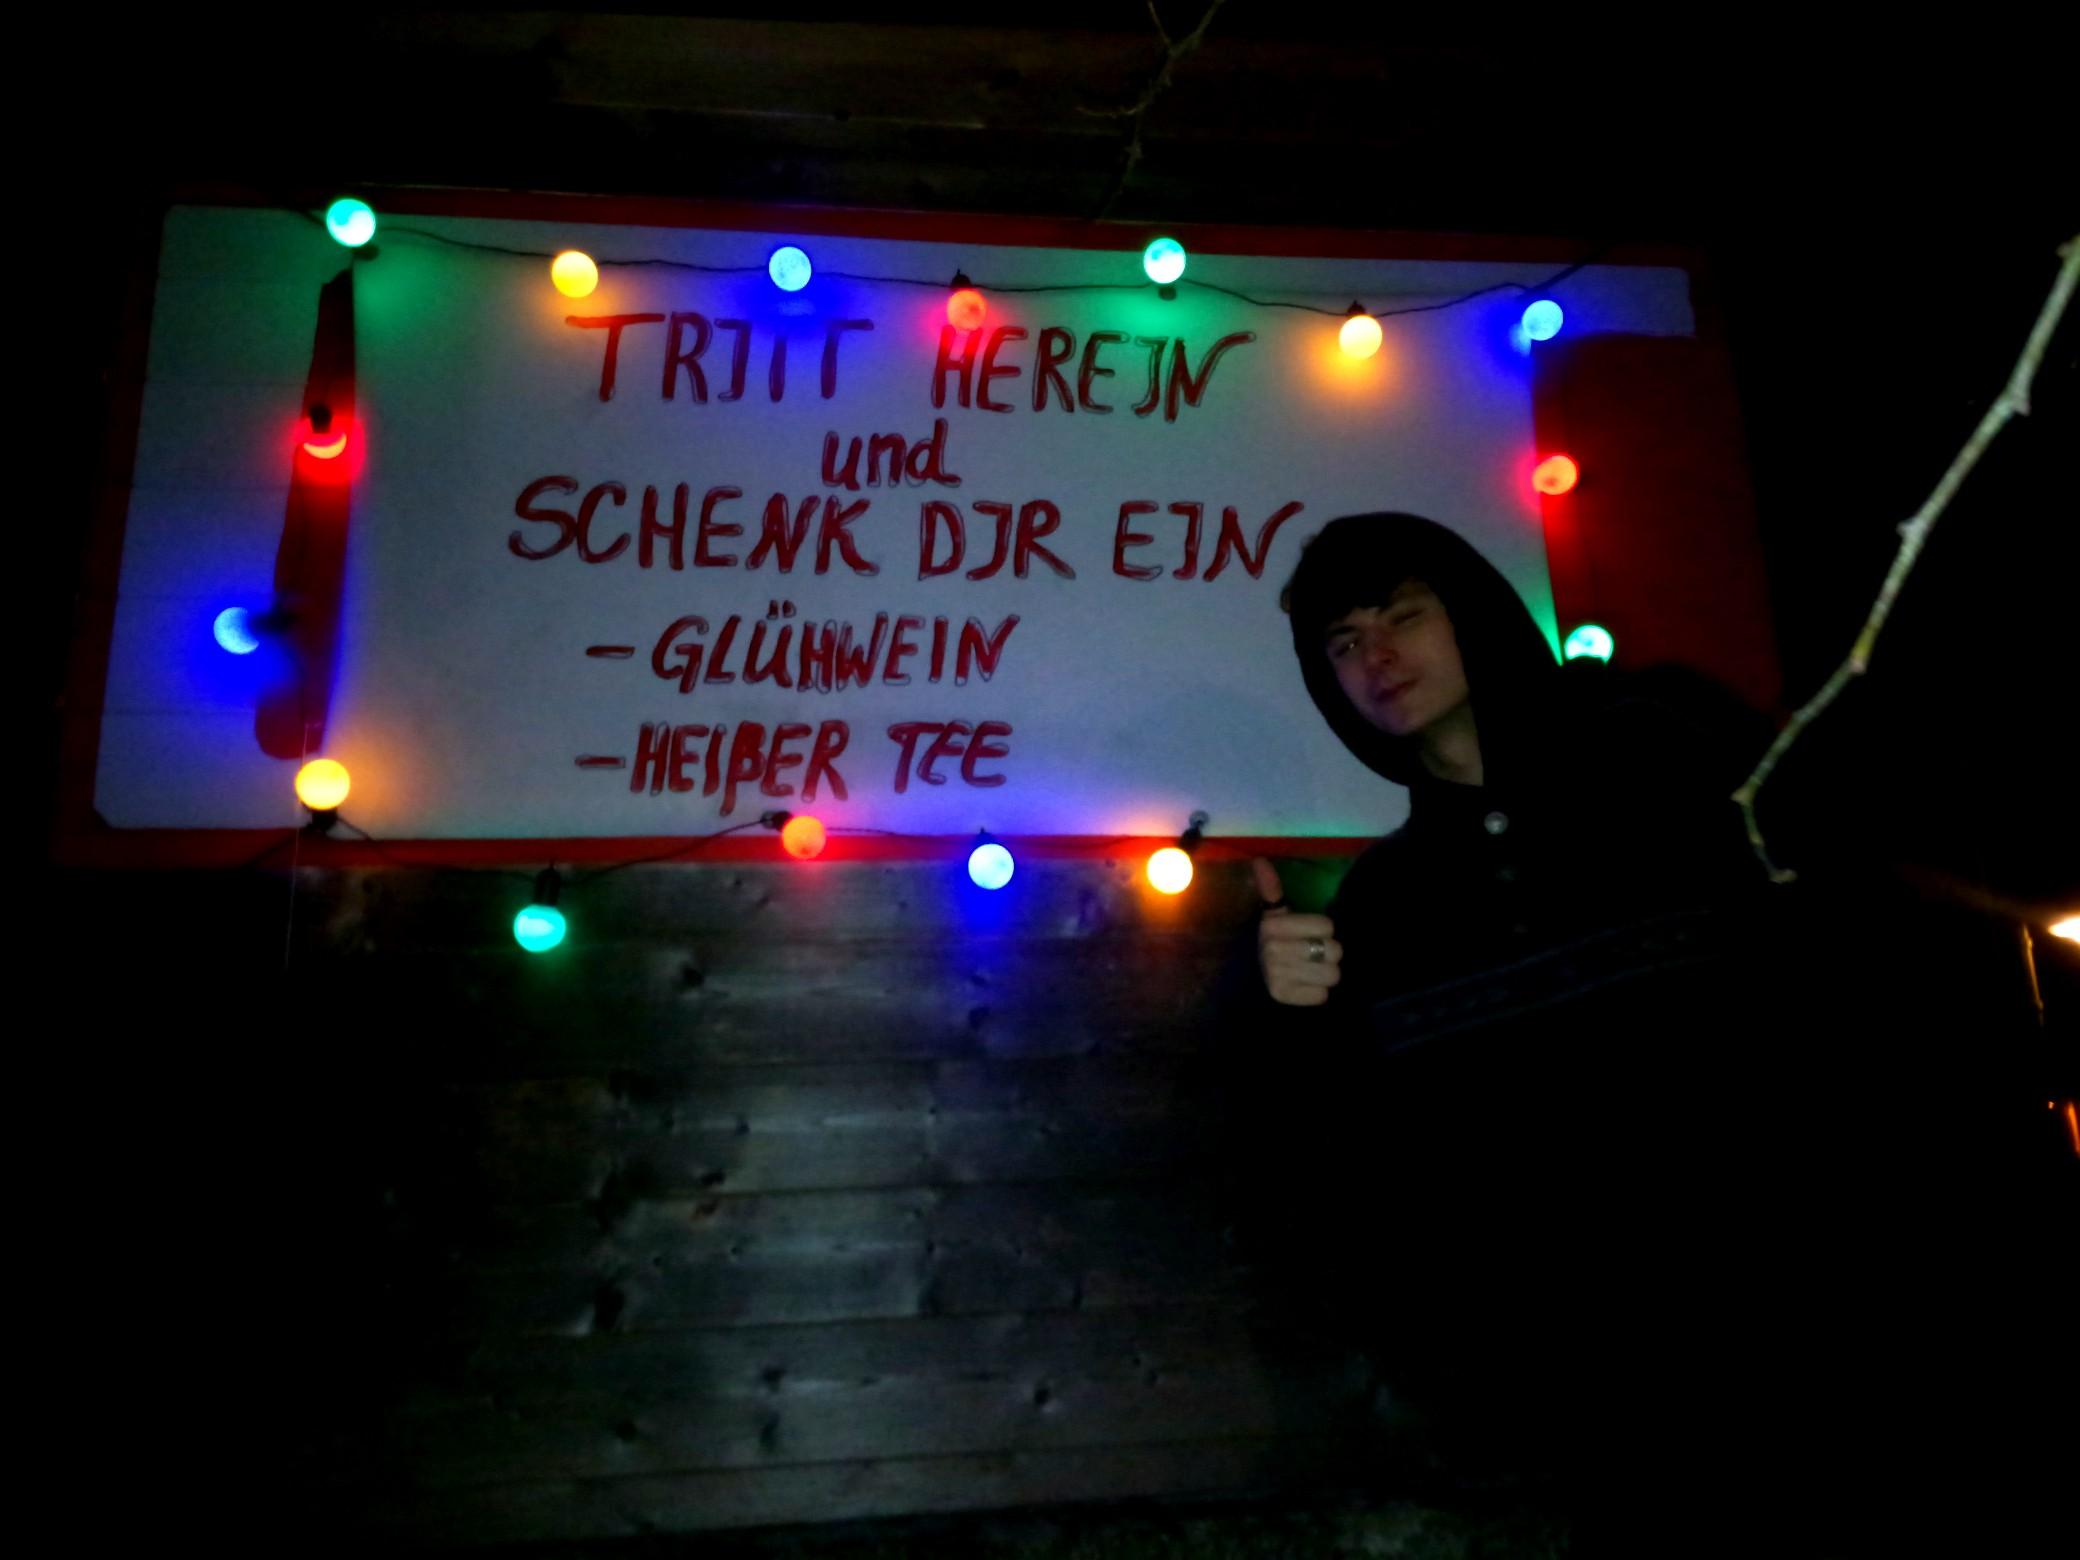 """...Plakat! """"Tritt herein und schenk dir ein""""."""